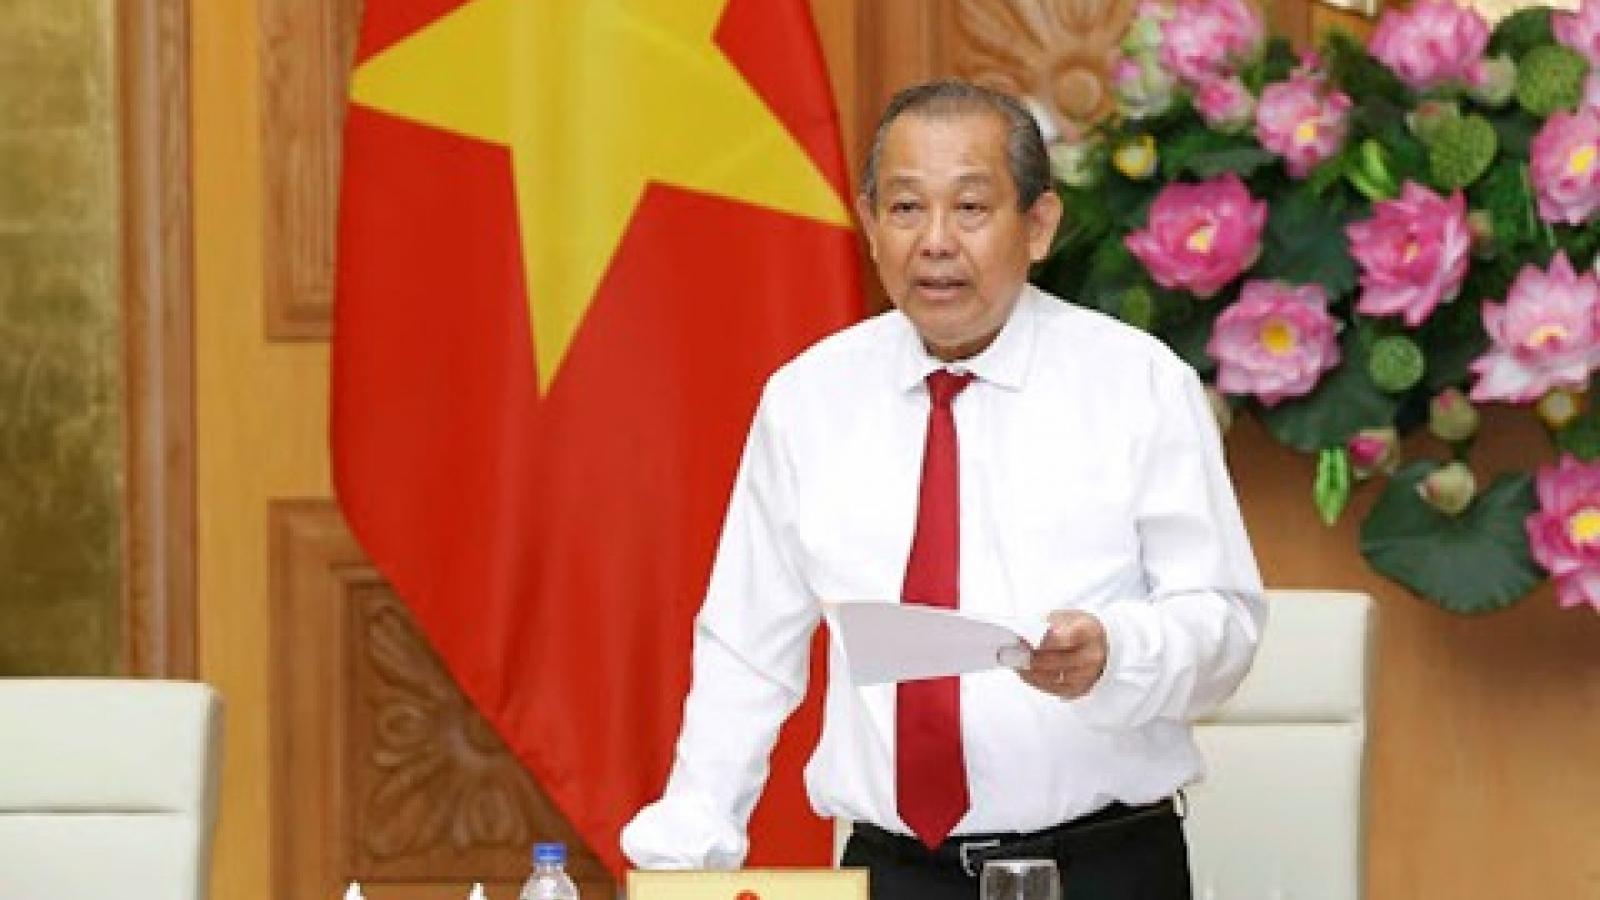 Phó Thủ tướng Thường trực gửi thư khen thành tích triệt phá vụ án 51kg vàng